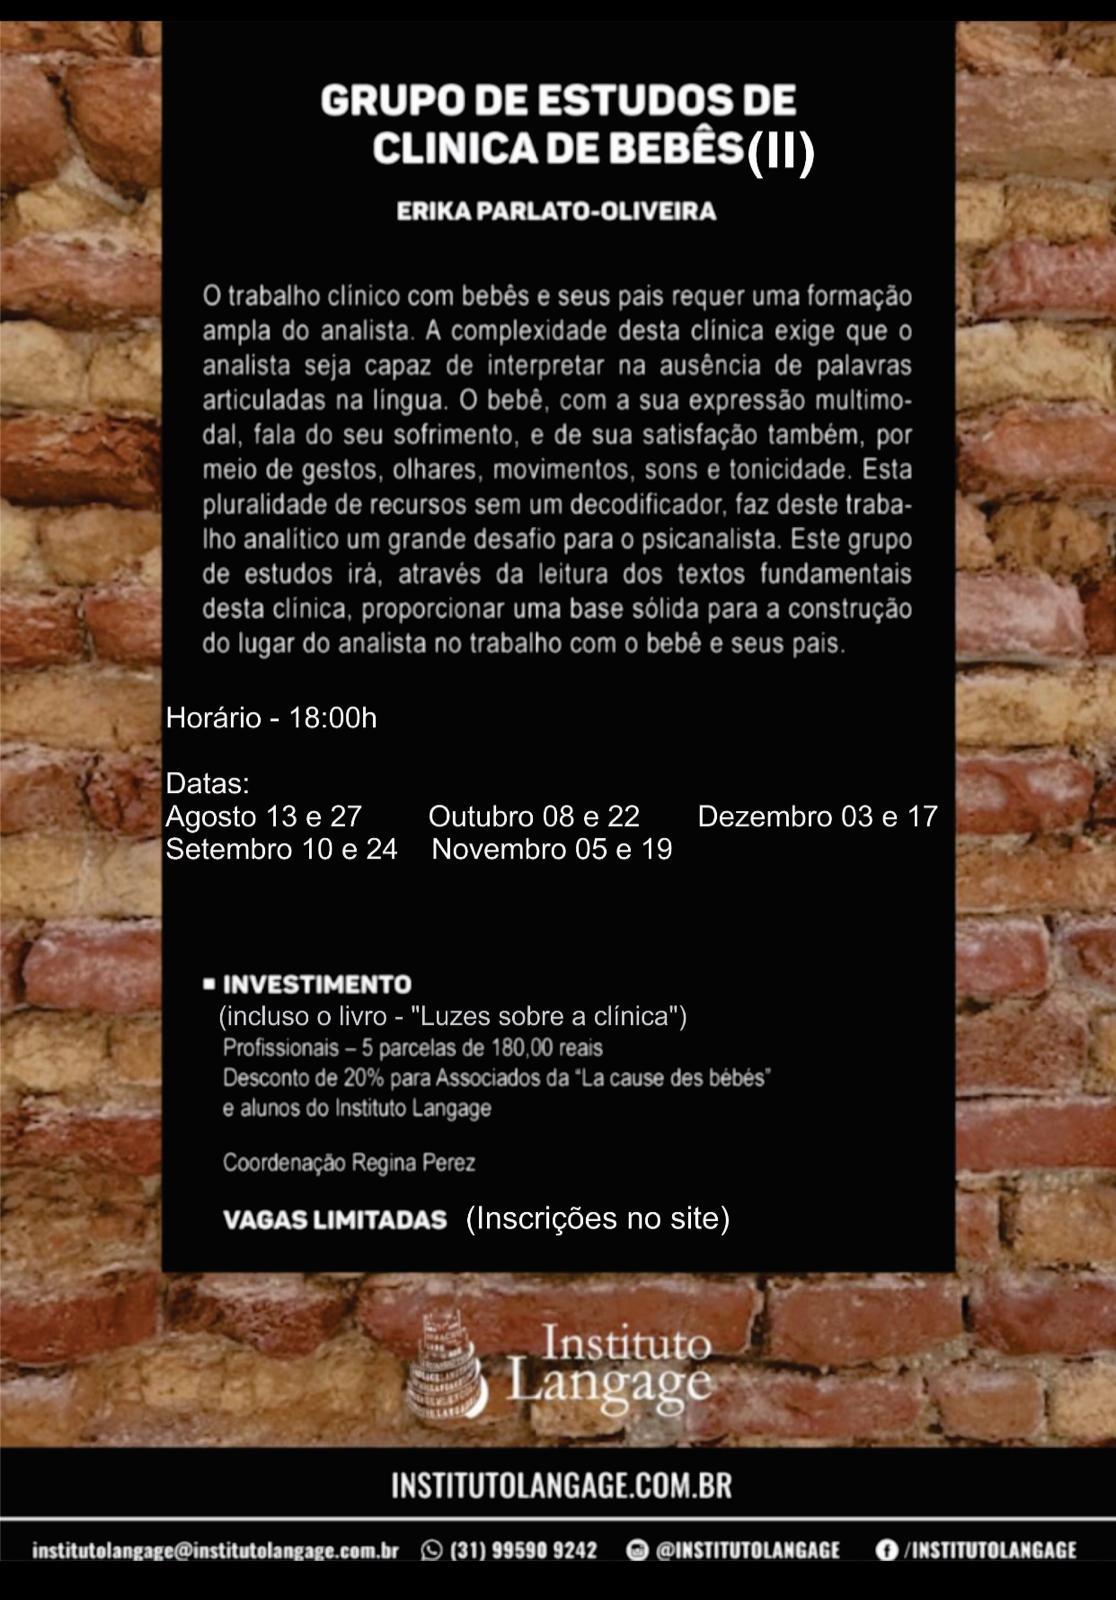 Grupo de Estudo (2) de Clínica de Bebês Turma quinta-feira 18 horas - inscrição (agosto a dezembro/20)